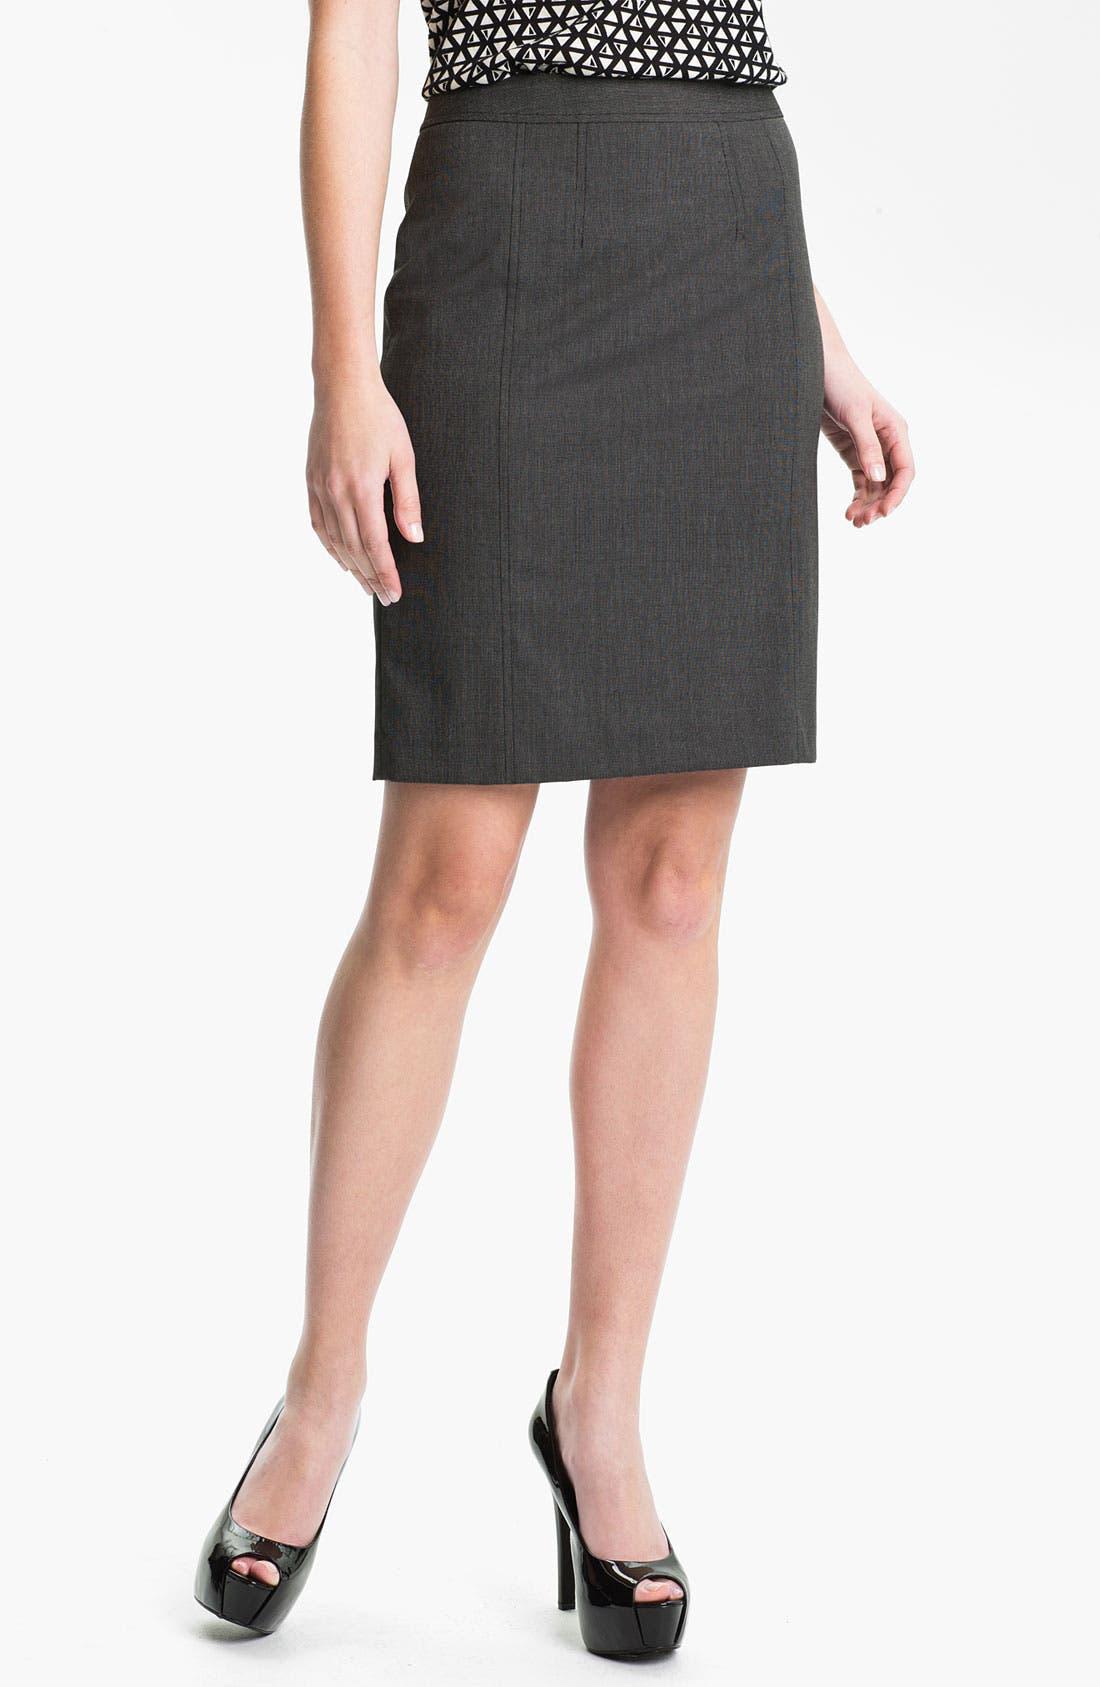 Alternate Image 1 Selected - Halogen 'End on End' Skirt